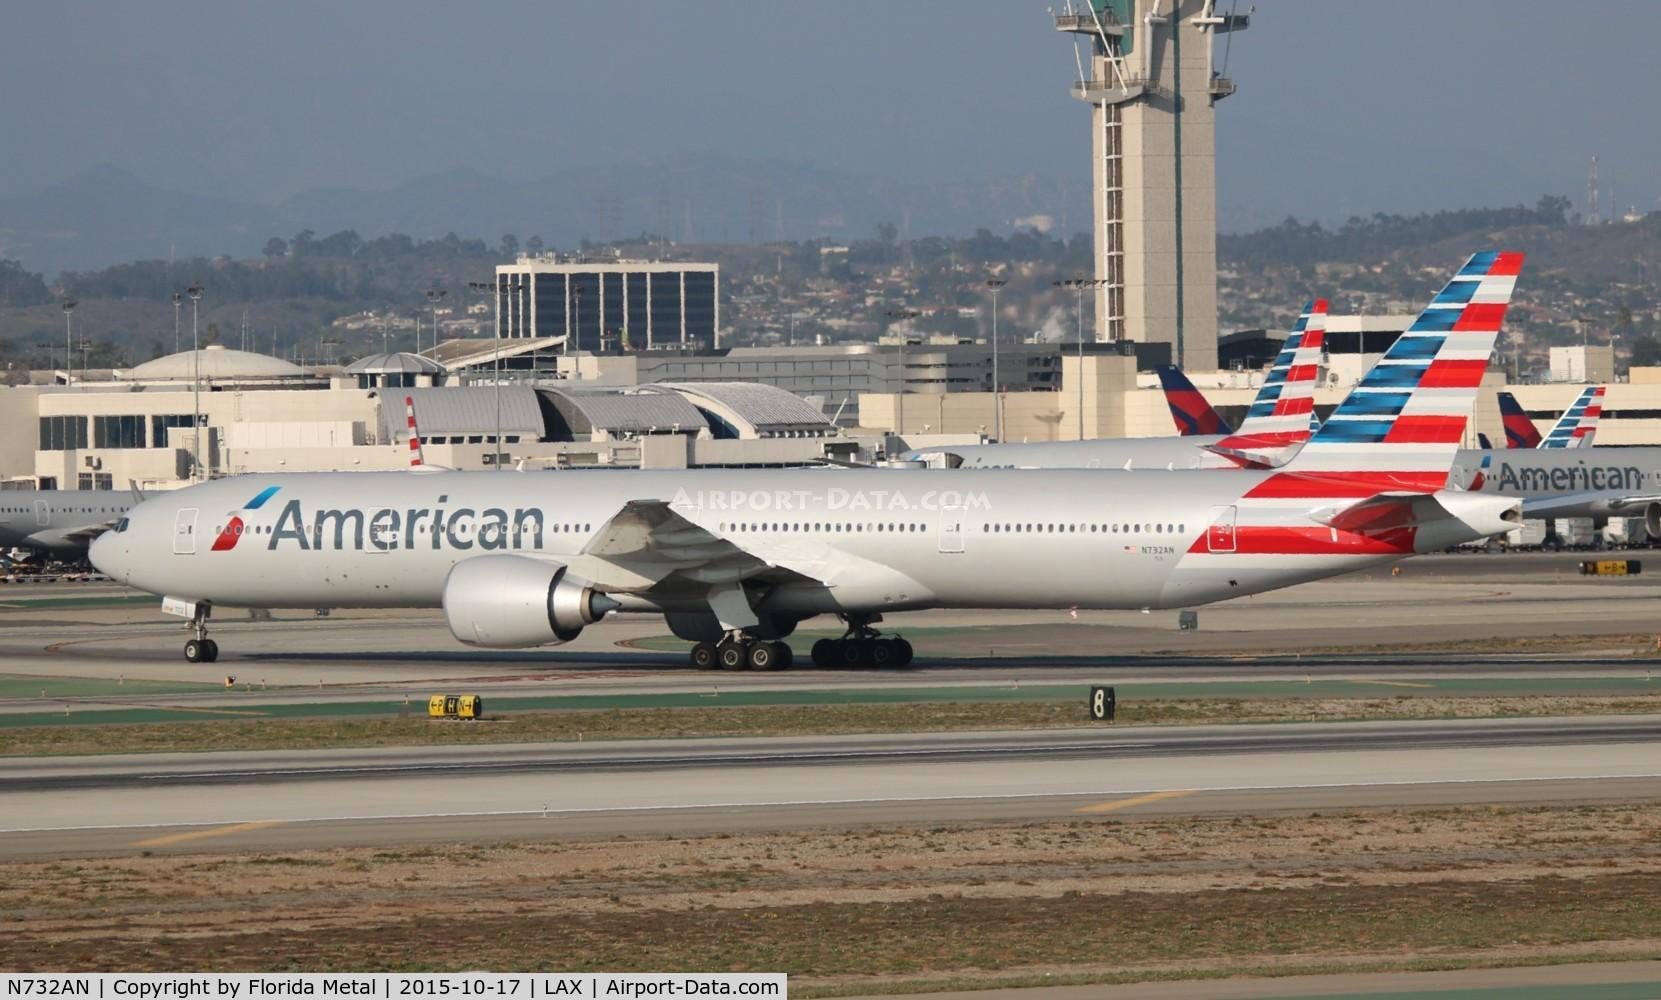 N732AN, 2014 Boeing 777-323/ER C/N 31549, American